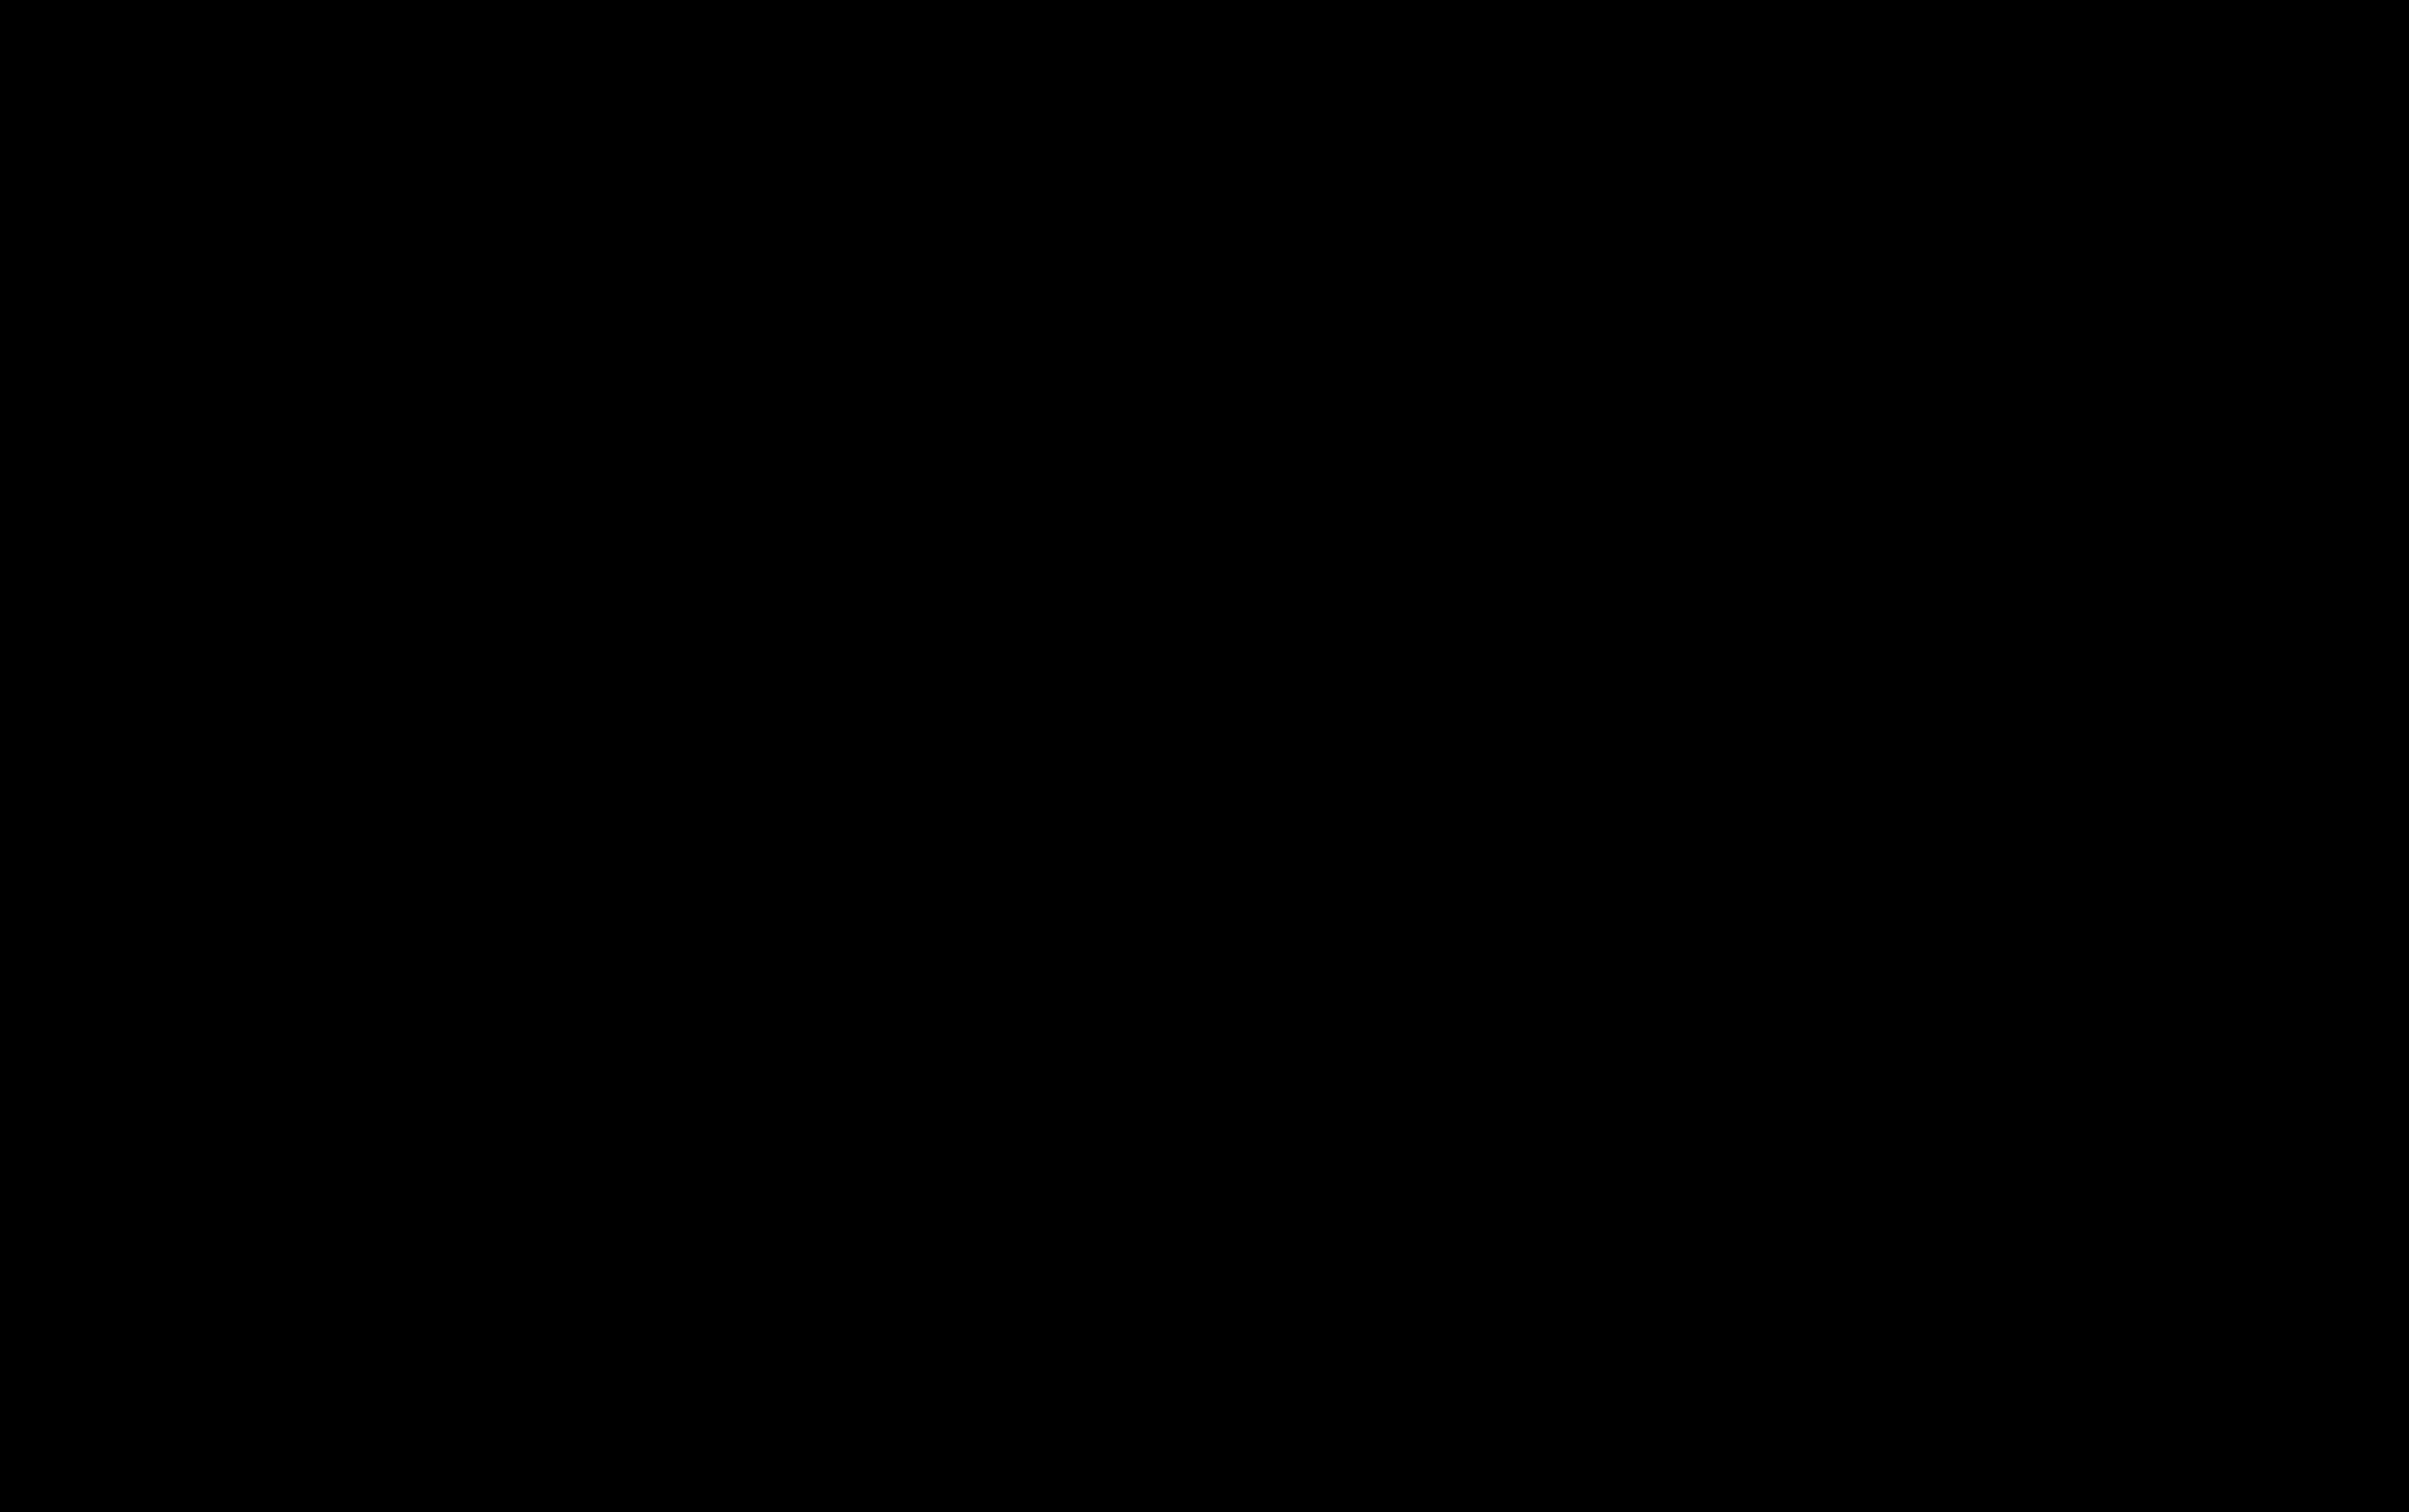 Beacon Lending logo